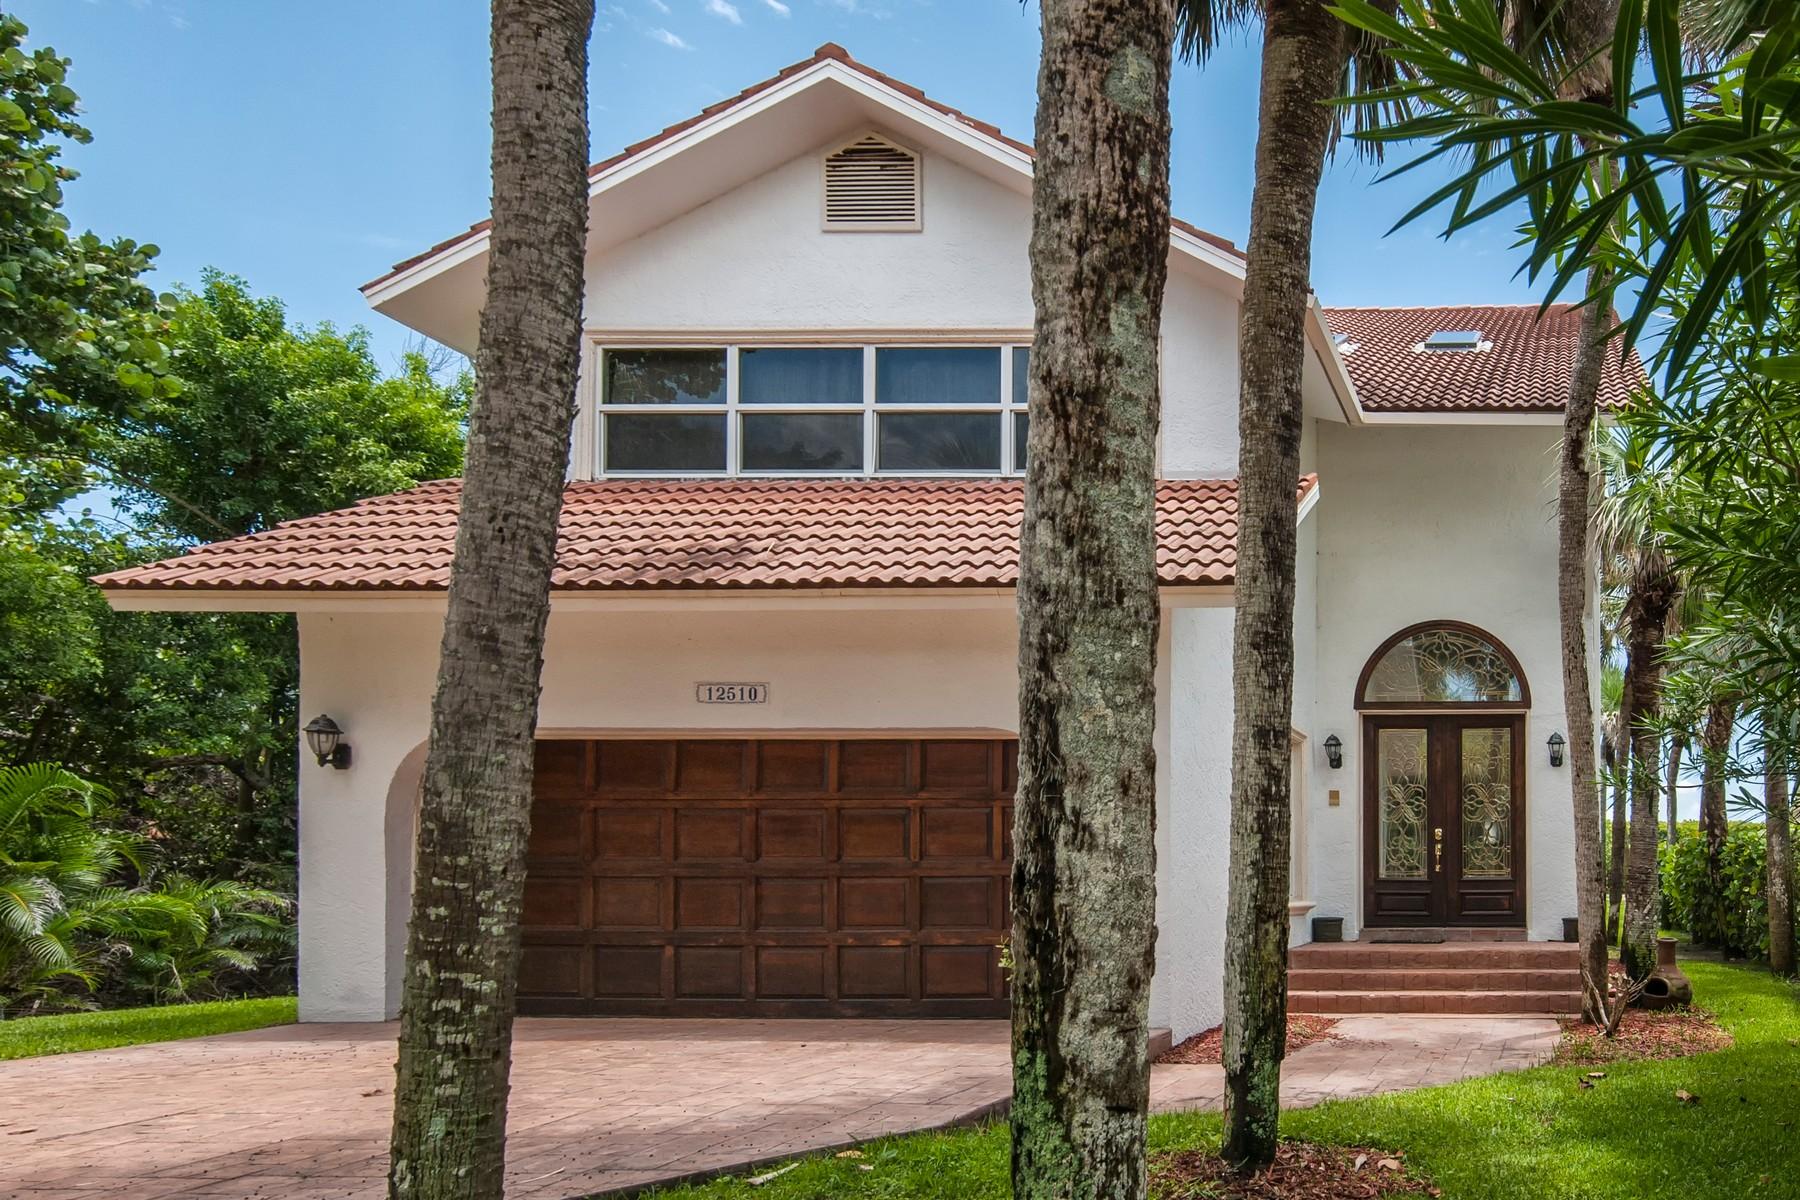 独户住宅 为 销售 在 Ideal Beach House! 12510 Highway A1A 维罗海滩, 佛罗里达州, 32963 美国